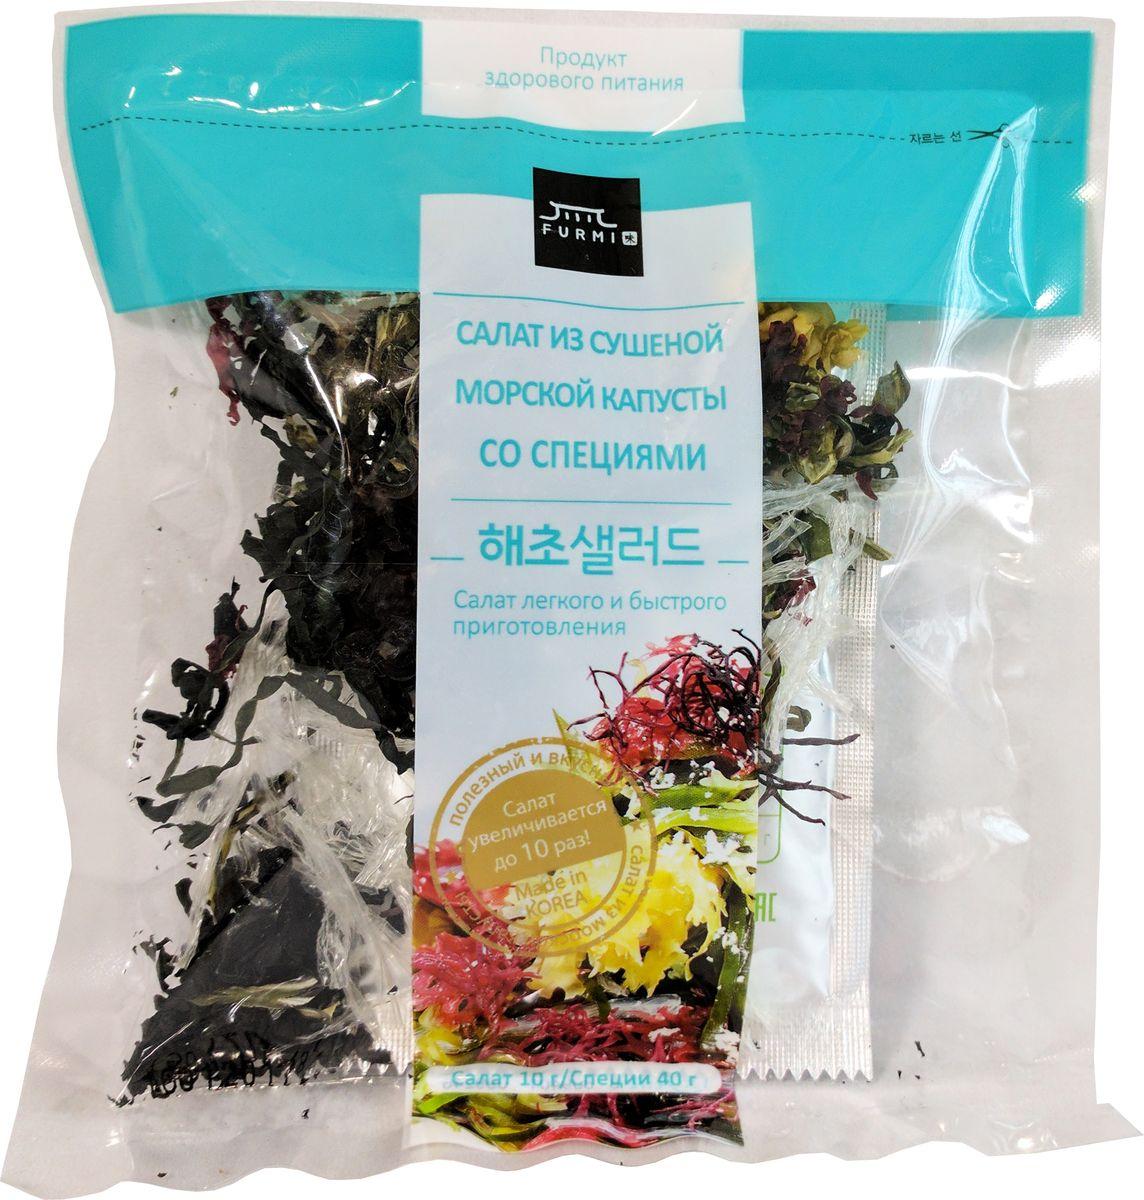 Furmi Kim салат из сушеной морской капусты со специями, 50 гбфи009Салат из сушеной морской капусты со специями Furmi Kim изготовлен из богатых питательными веществами водорослей. Этот продукт не только внесет разнообразие в привычный рацион, но и поможет восполнить нехватку важных для деятельности организма минералов и витаминов. Диетологи любят морскую капусту за высокое содержание йода, поэтому она часто фигурирует в диетах, несмотря на довольно высокую калорийность. Этот химический элемент чрезвычайно важен для организма, но присутствует лишь в небольшом количестве продуктов. Благодаря ему налаживается работа щитовидной железы, и легко устраняется гормональный дисбаланс. В составе морской капусты много белка, который легко усваивается организмом. При правильном питании именно белковые соединения должны составлять большую часть рациона, так как они не приводят к набору веса и жизненно-необходимы для синтеза ферментов и роста мышц. По этой причине приверженцам вегетарианской диеты особенно рекомендуется есть побольше богатых белком водорослей.